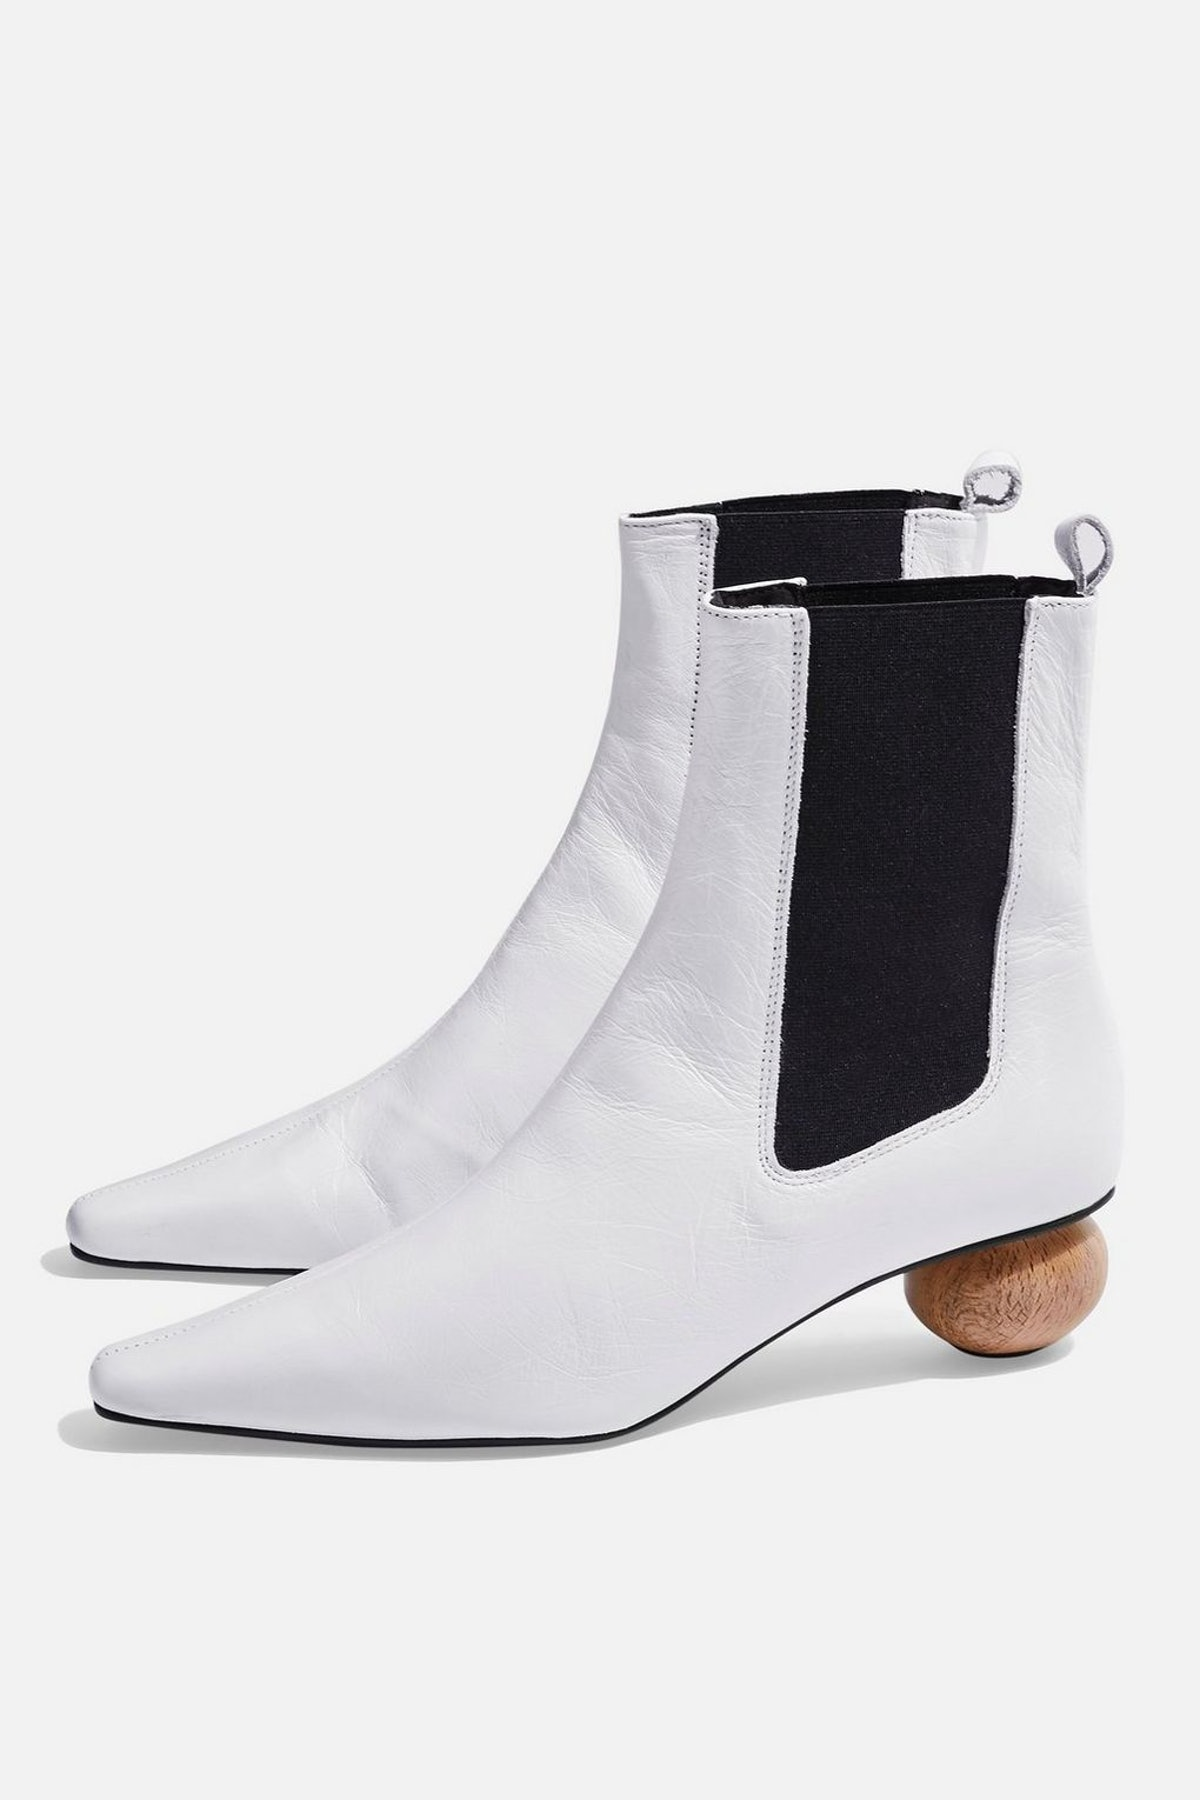 Sculptured Heel Boots